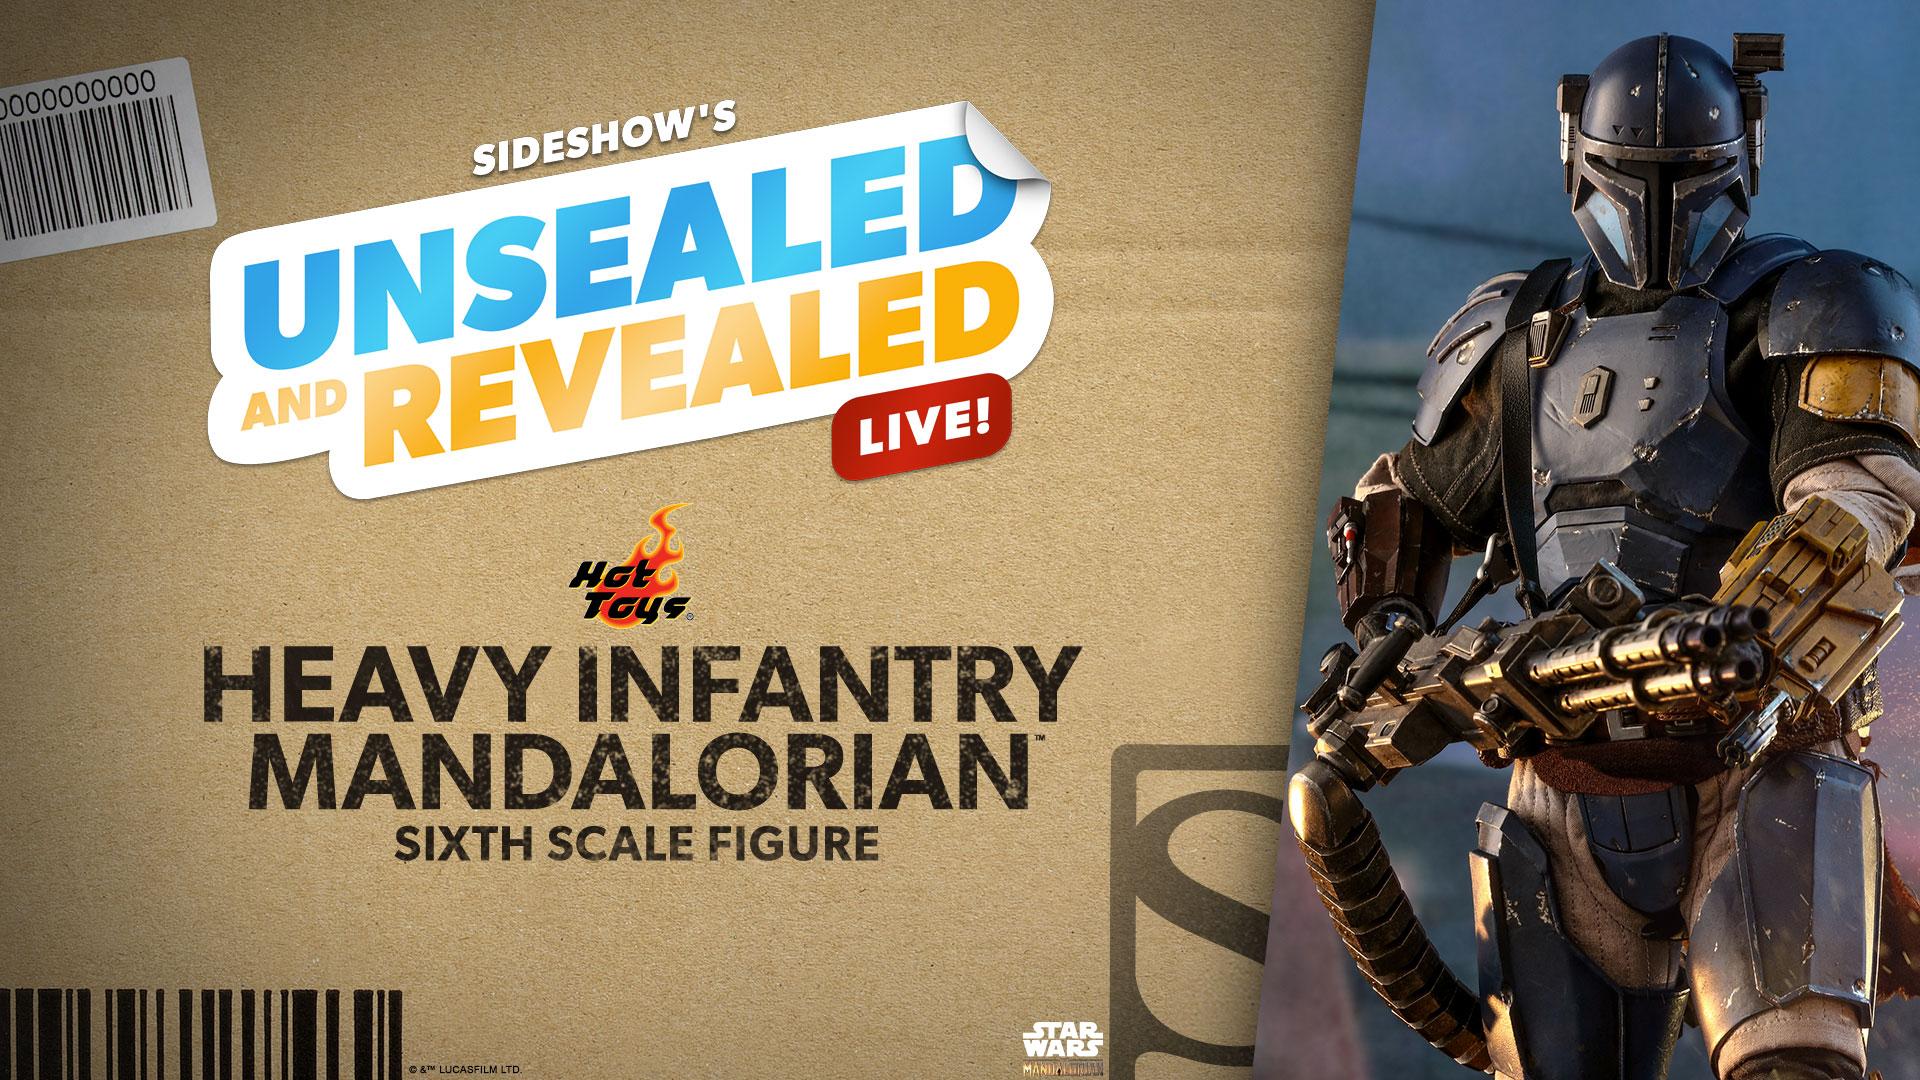 Unsealed and Revealed 2/9/21 Heavy Infantry Mandalorian